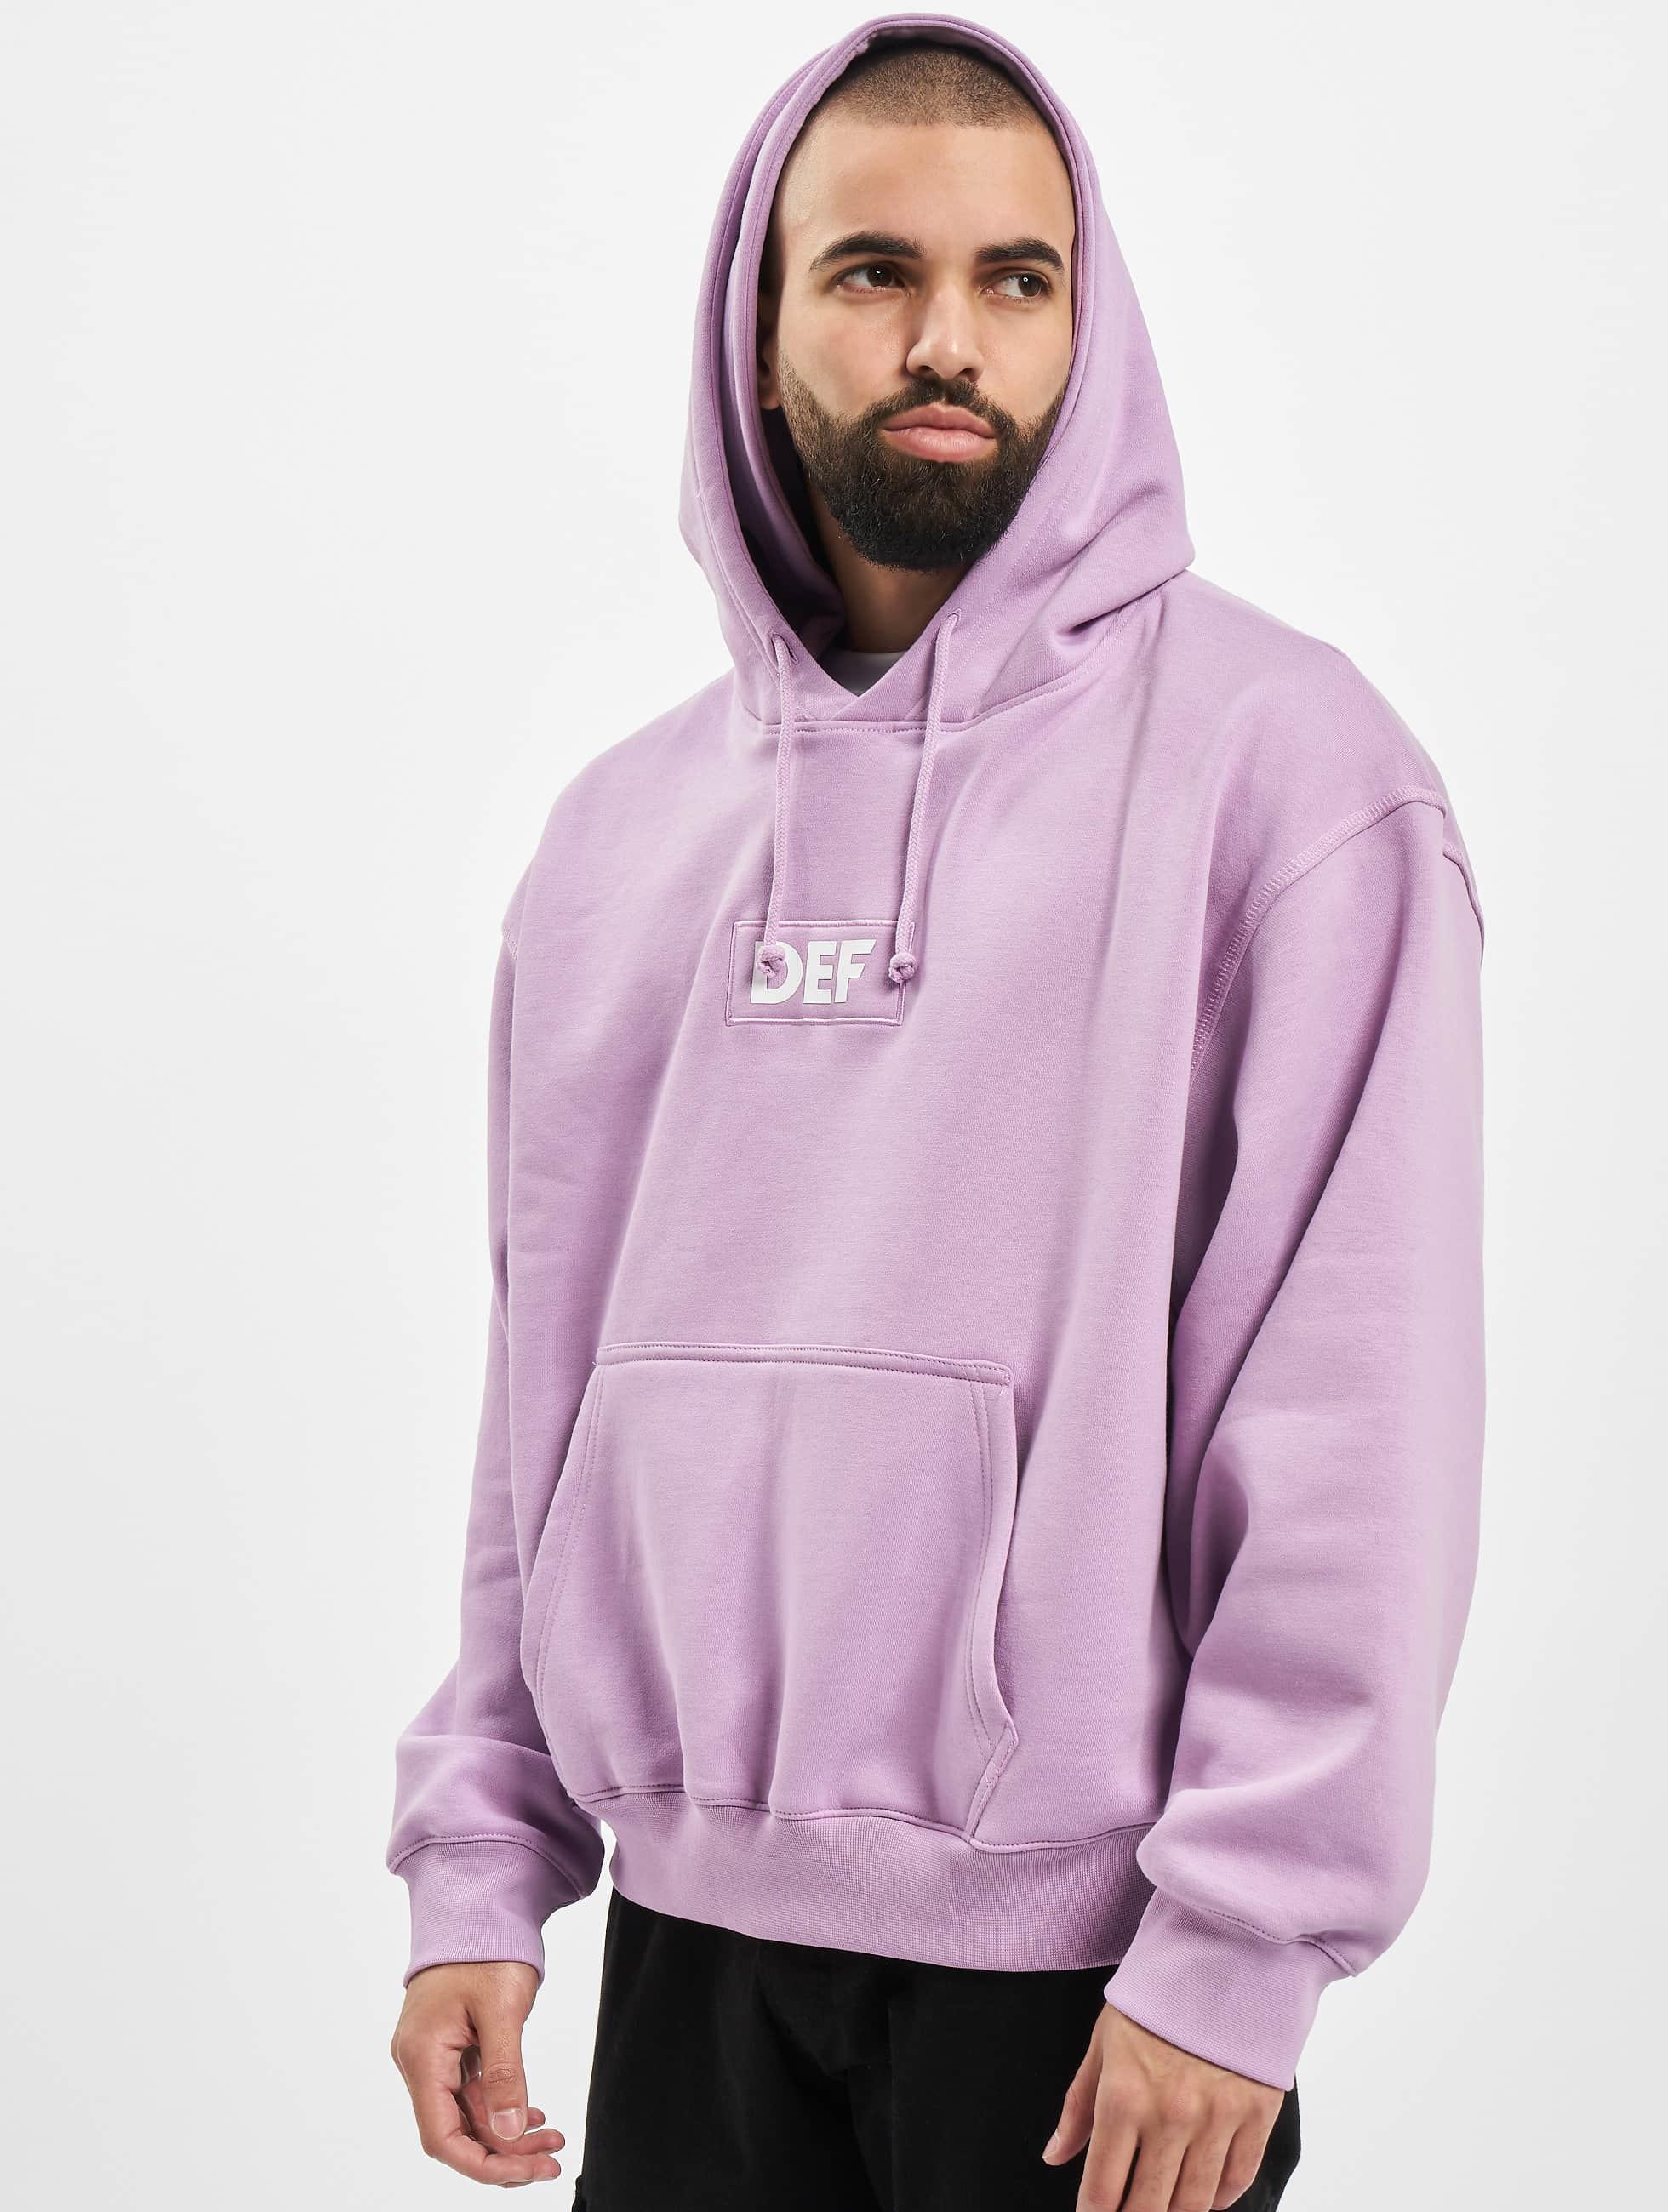 DEF / Hoodie Sean in purple XL